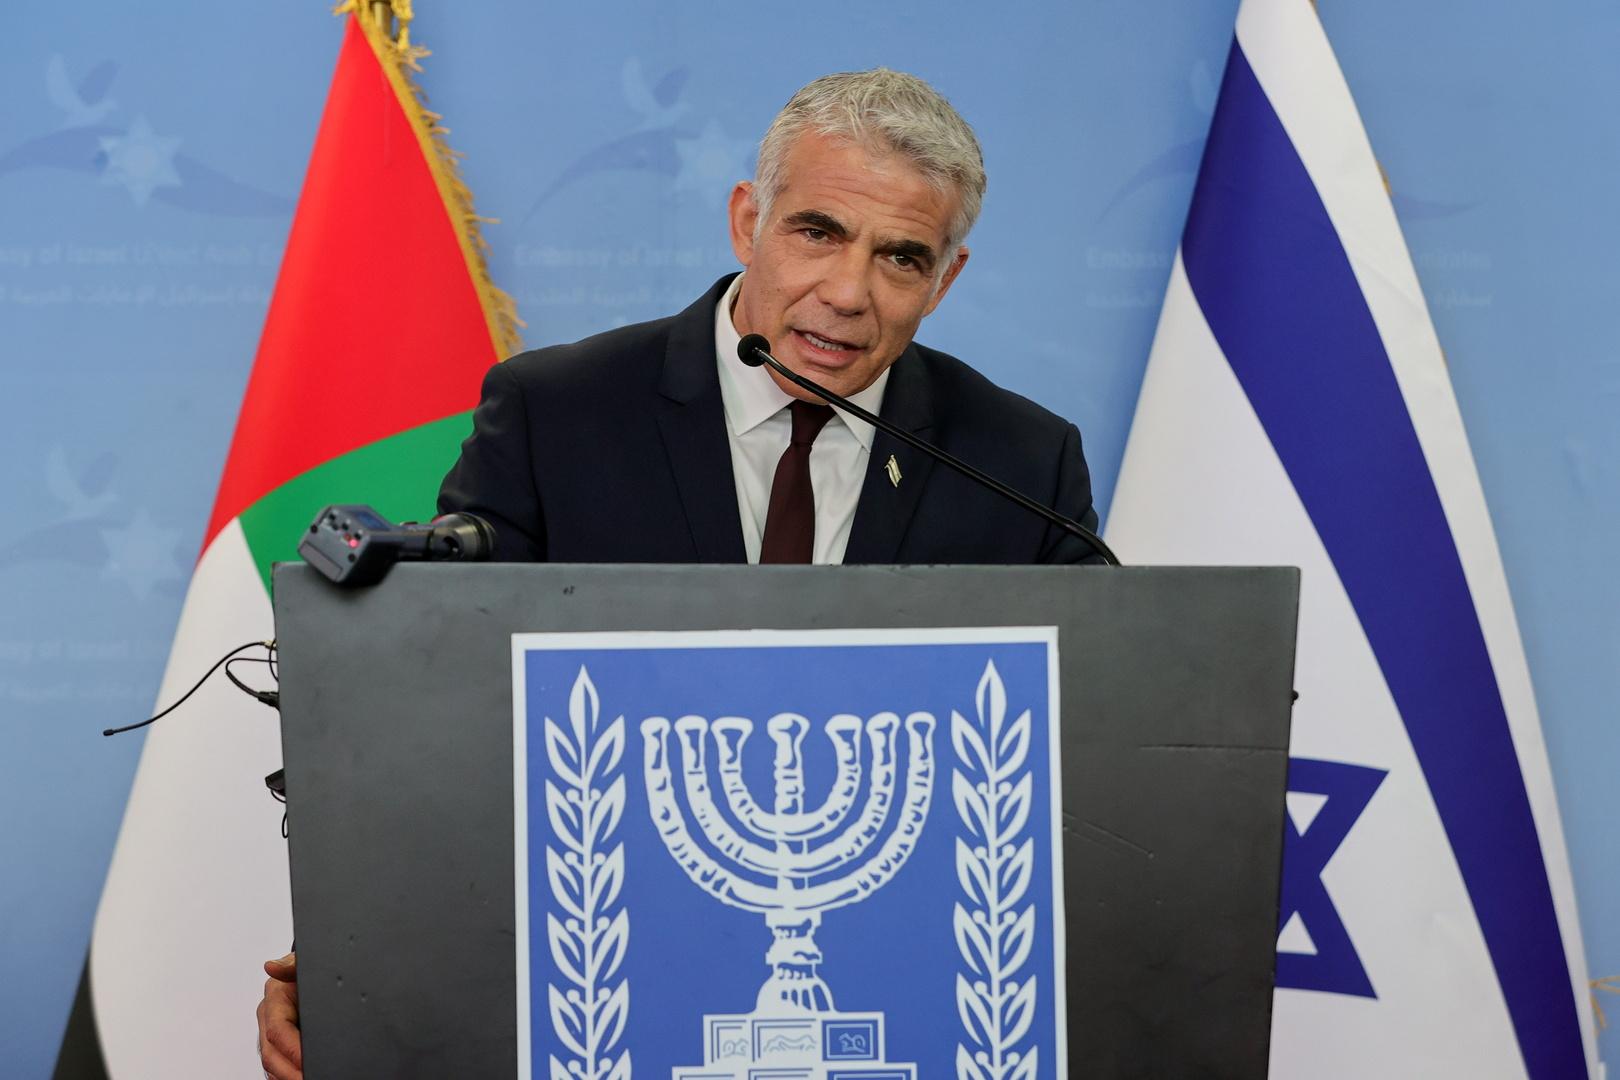 وزير خارجية إسرائيل: زيارتي للإمارات مجرد البداية وبإمكاننا تغيير العالم سوية